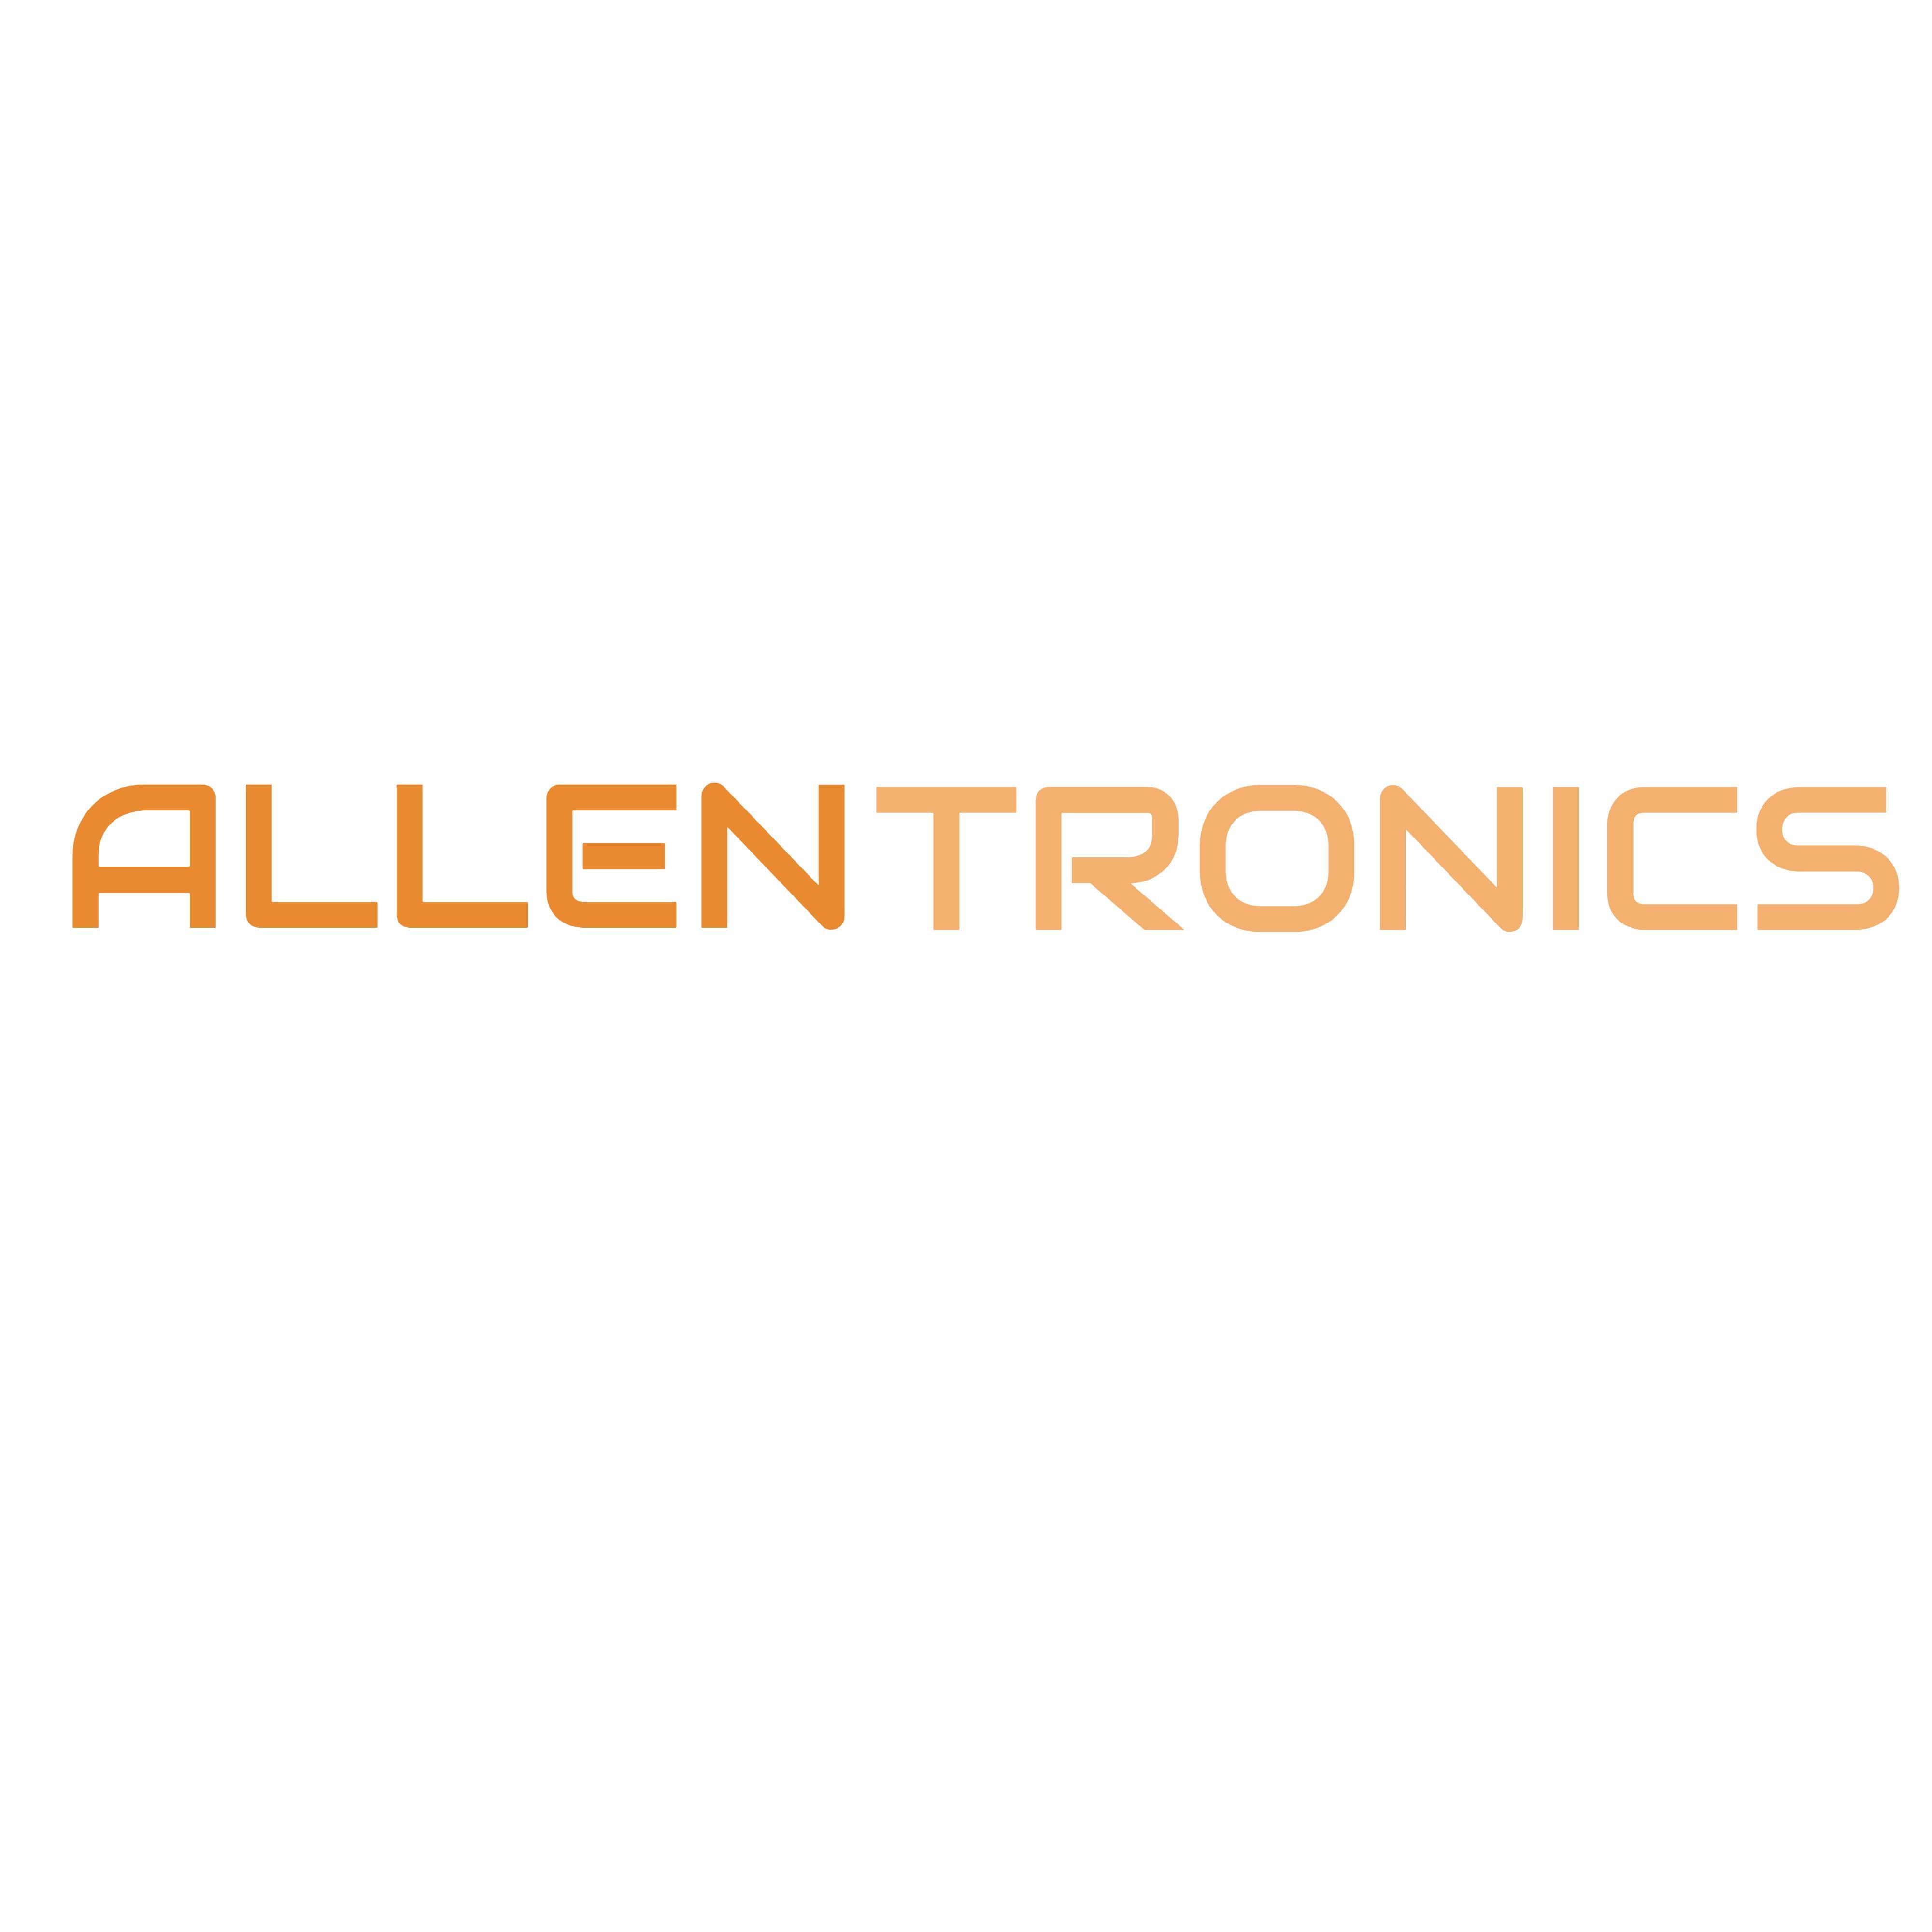 Allentronics